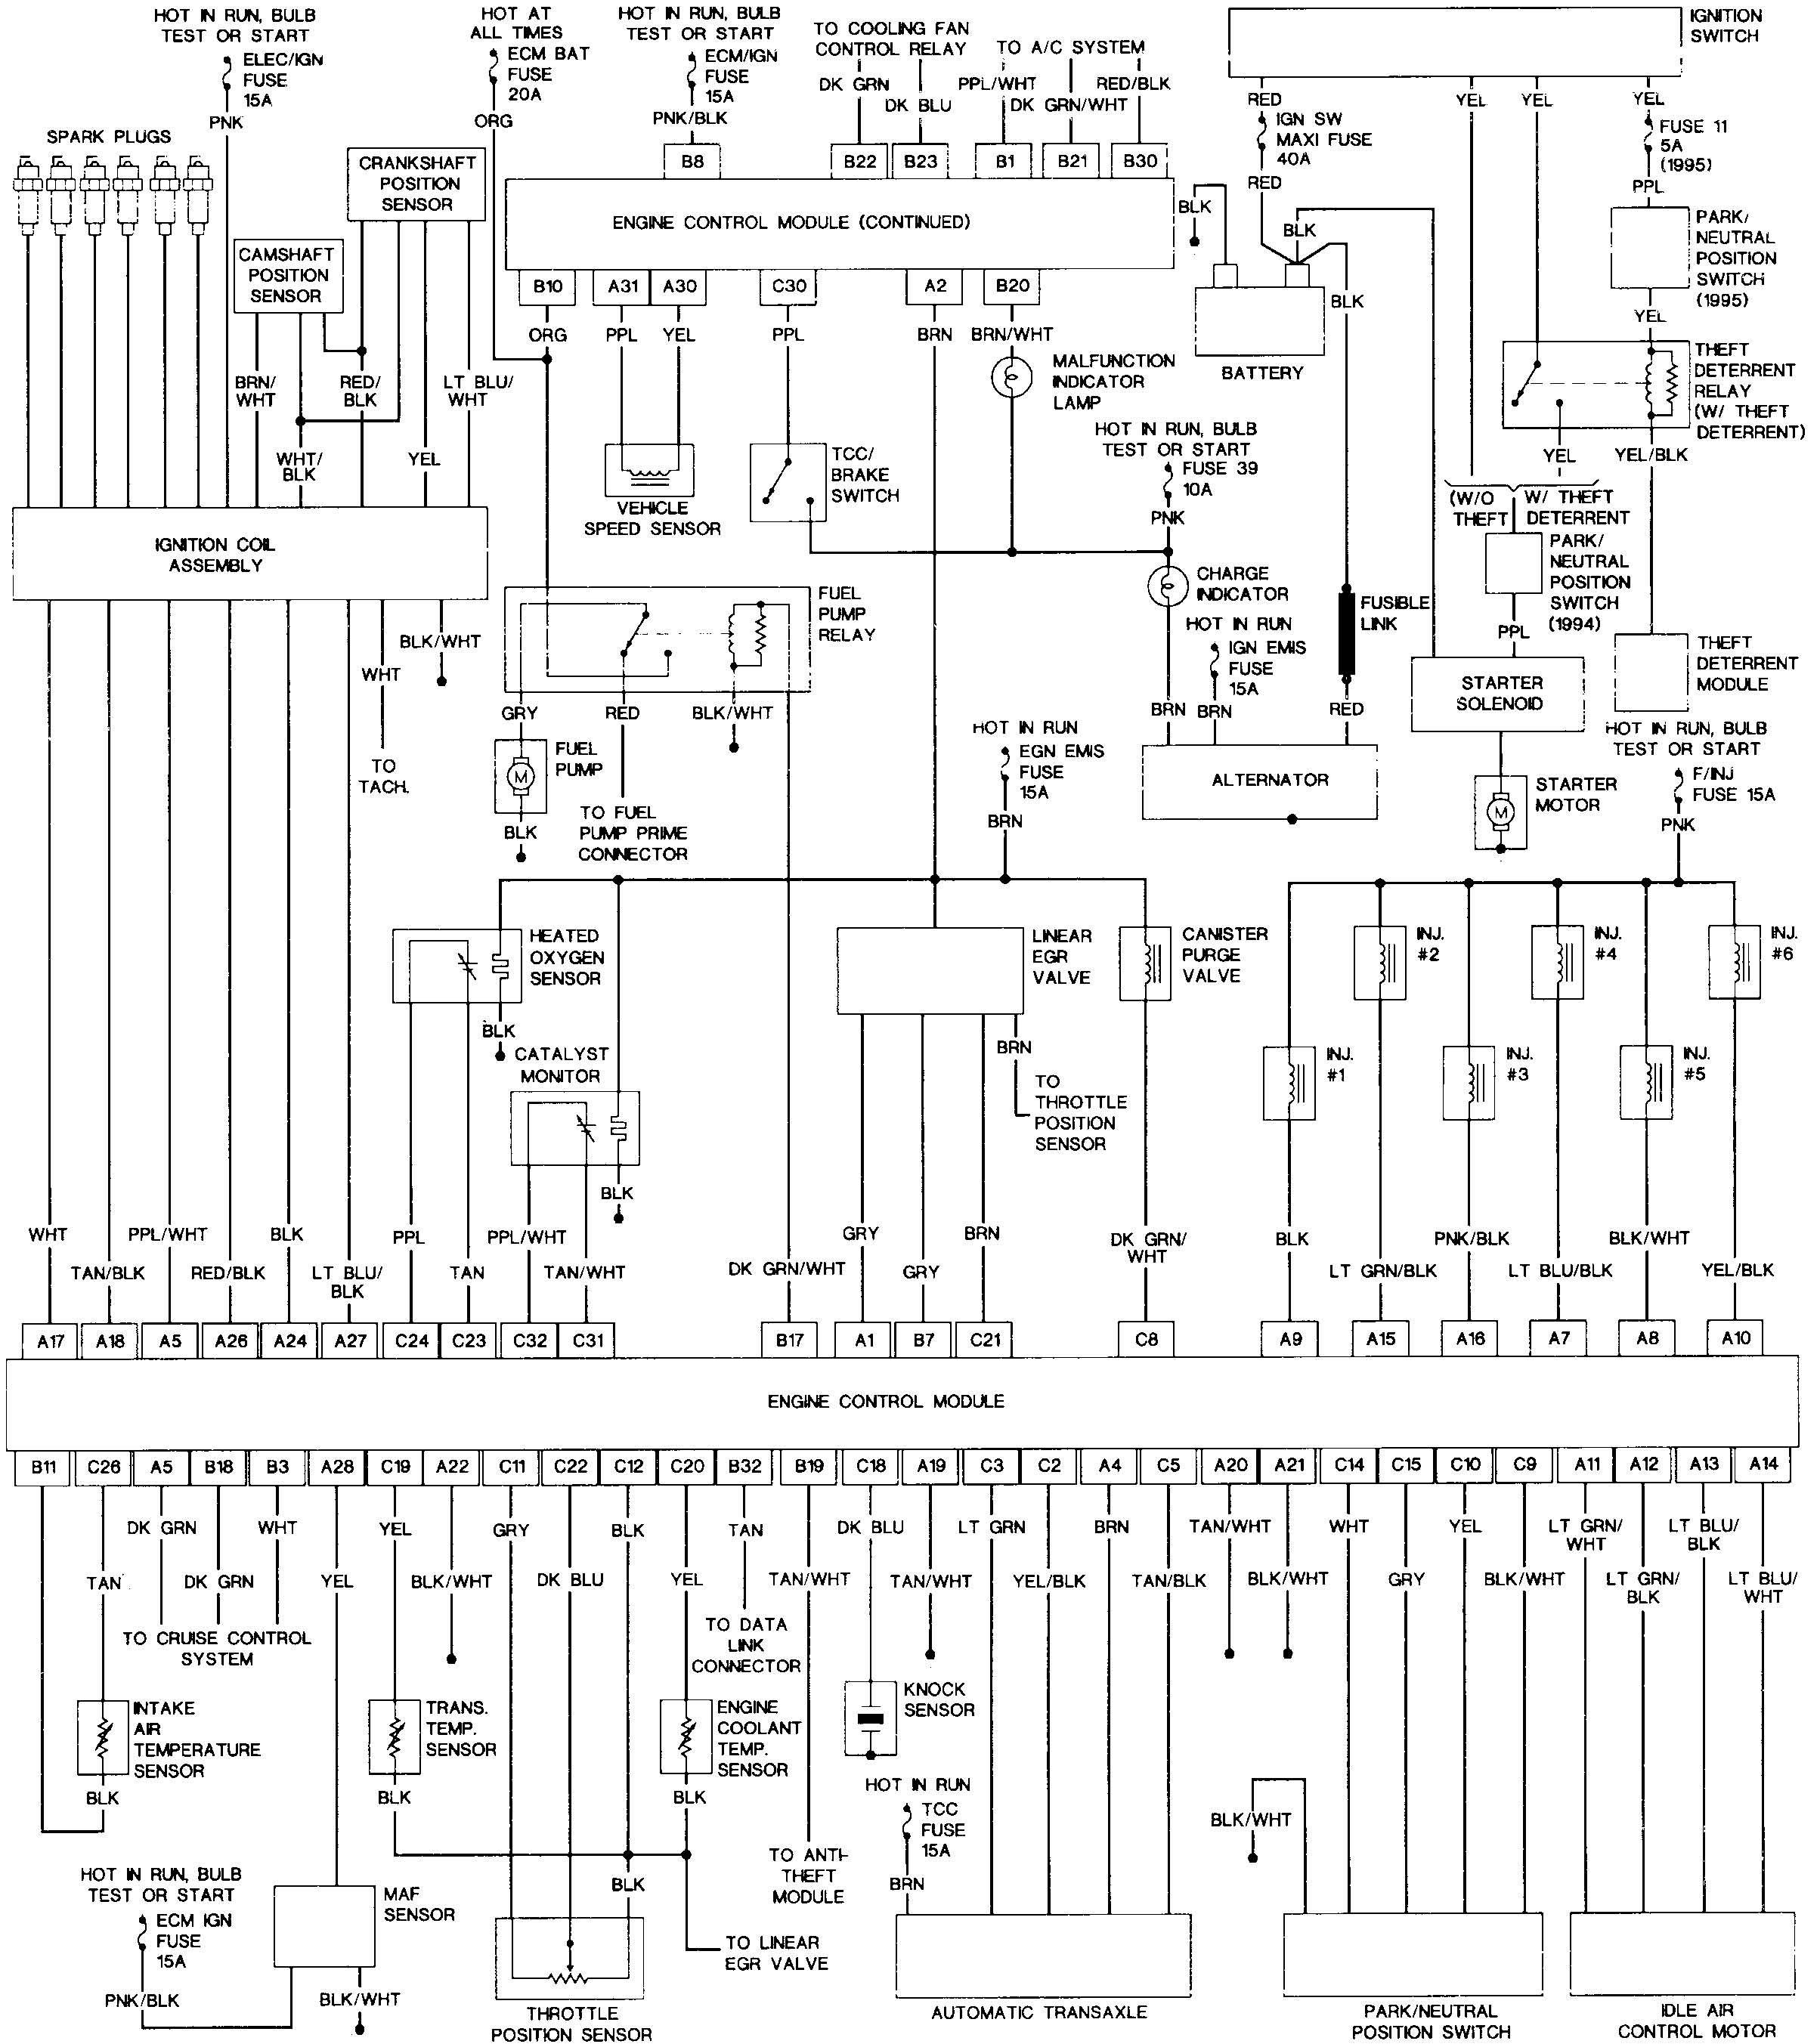 2000 Buick Century Engine Diagram 2000 Buick Century Radio Wiring Diagram Roc Grp Of 2000 Buick Century Engine Diagram